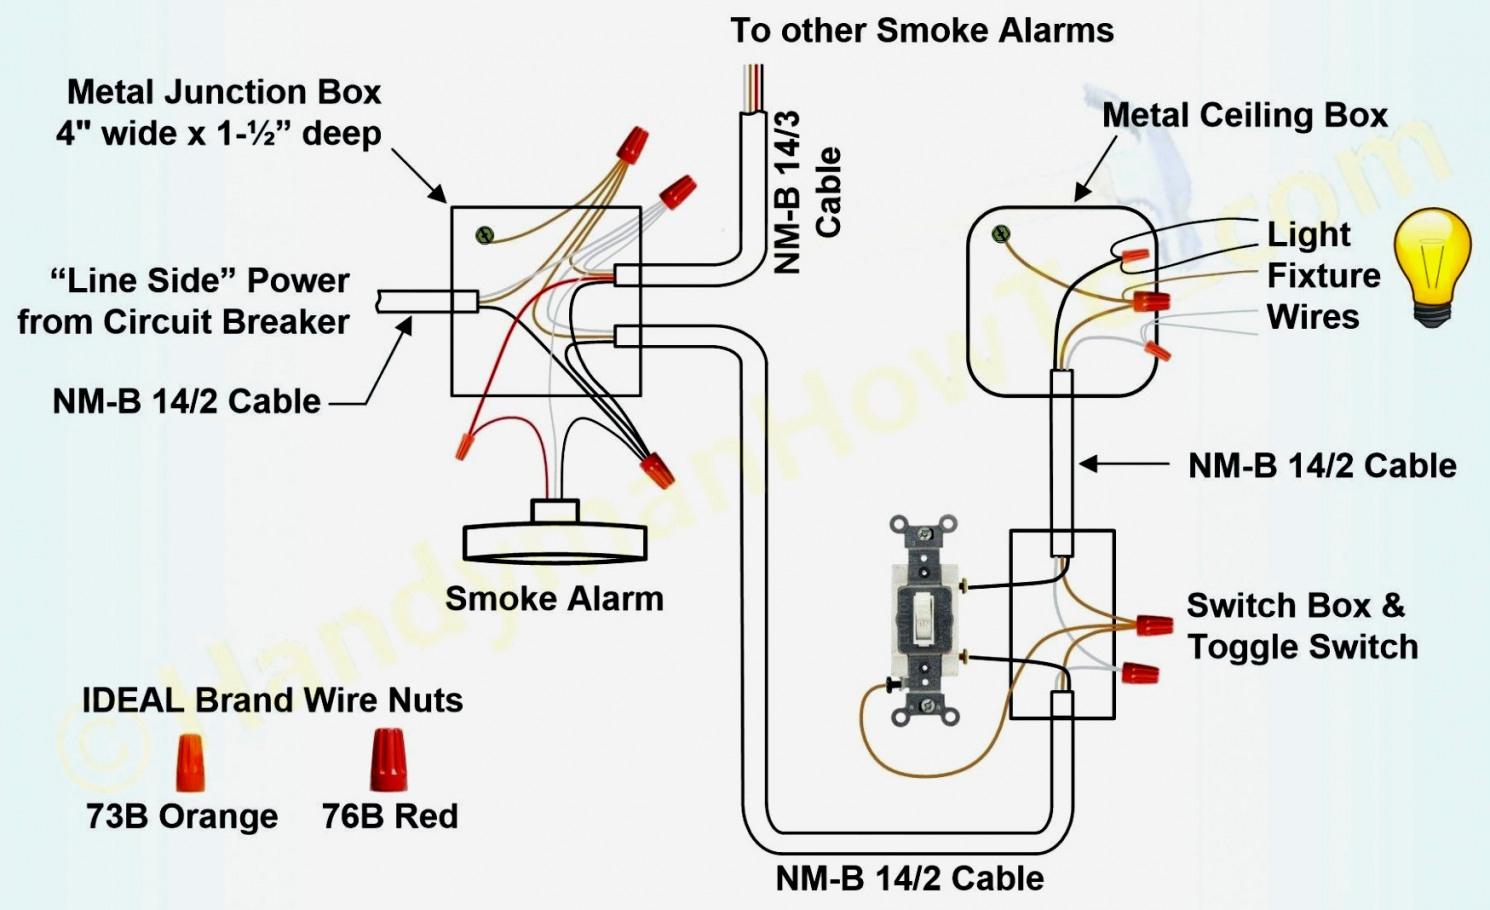 Recessed Lighting Wiring Schematic | Wiring Diagram - Recessed Lighting Wiring Diagram